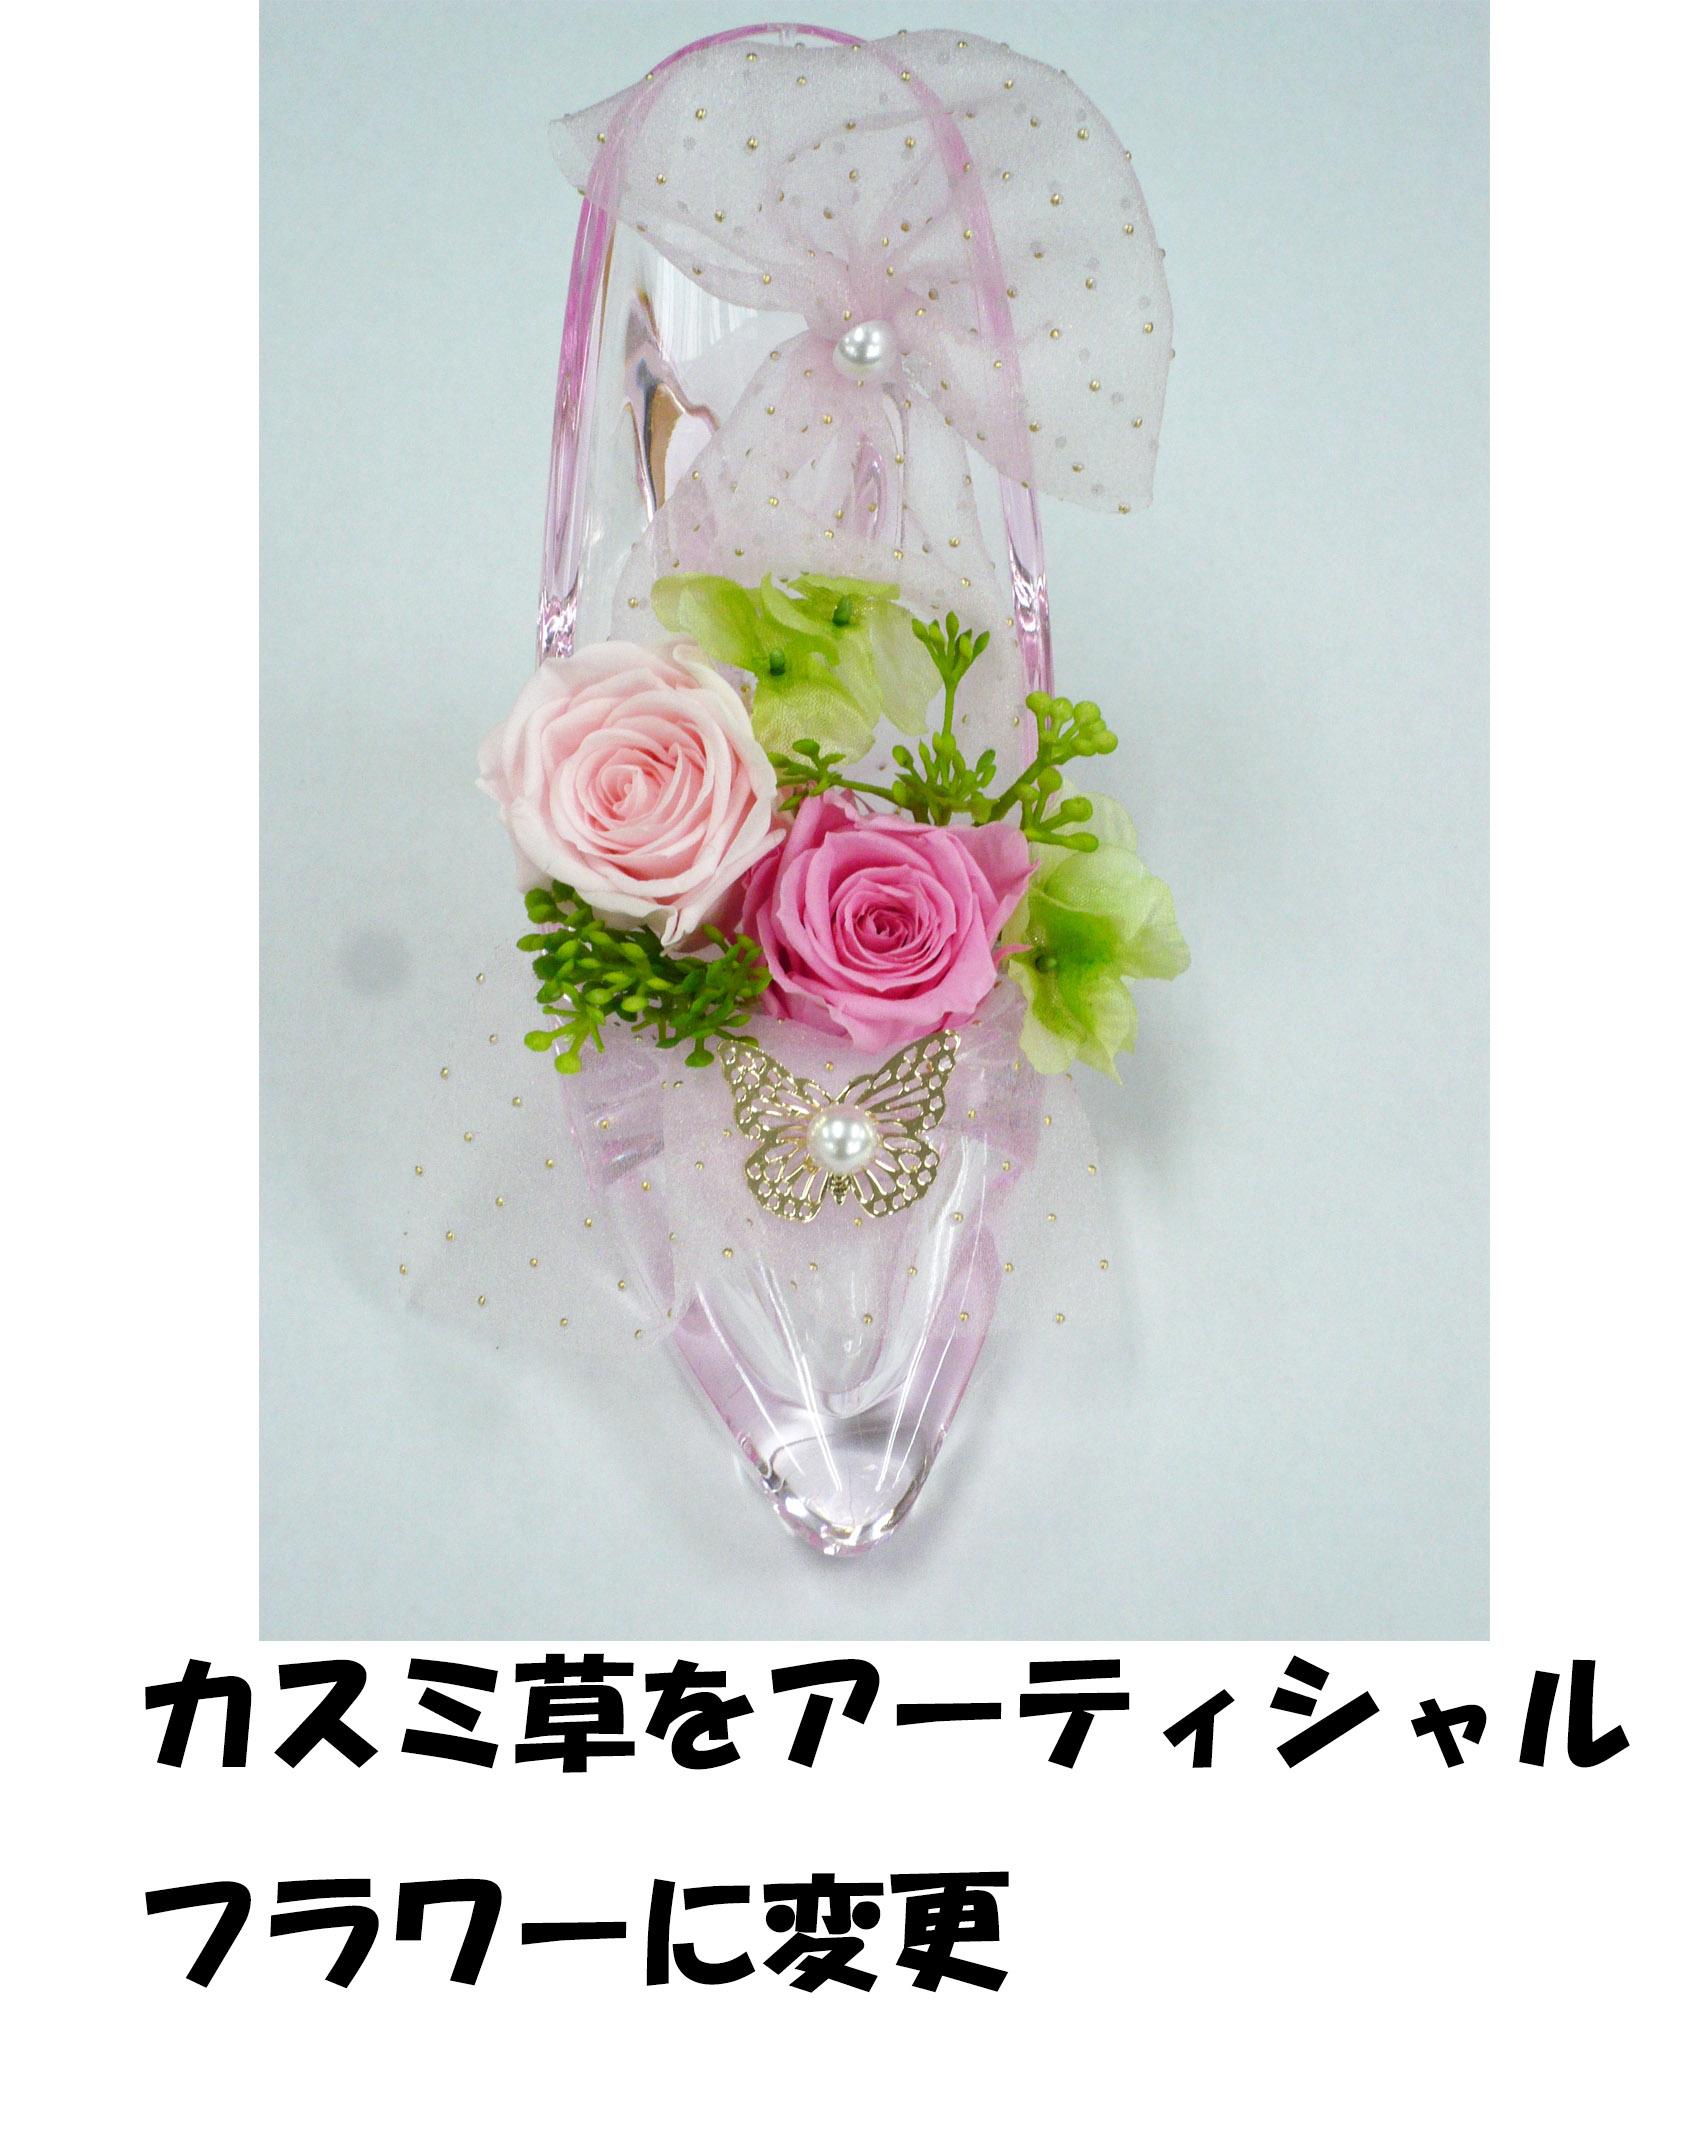 http://www.mille-art.jp/blog/PZ827PP-1.jpg